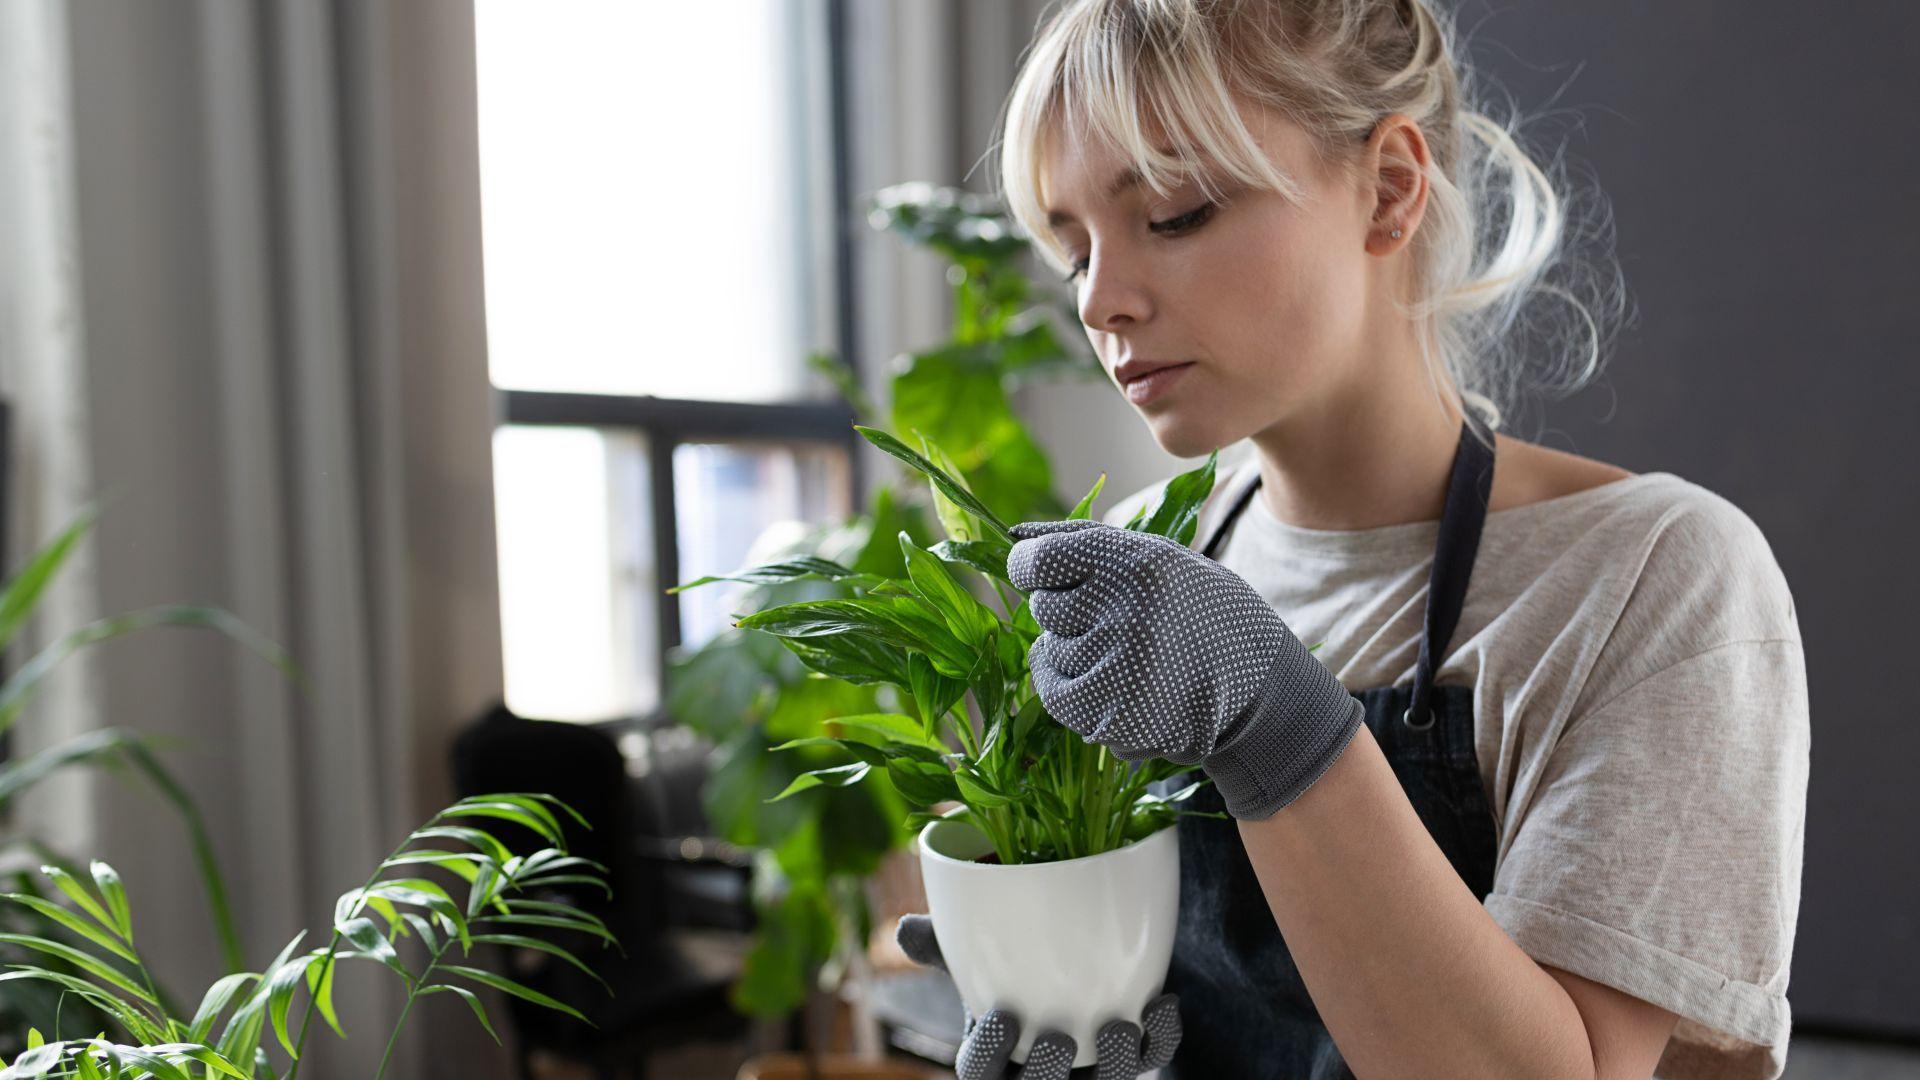 Бъди като Джулия Робъртс и Опра Уинфри: Светът полудя по мини умна градина с билки и зеленчуци у дома